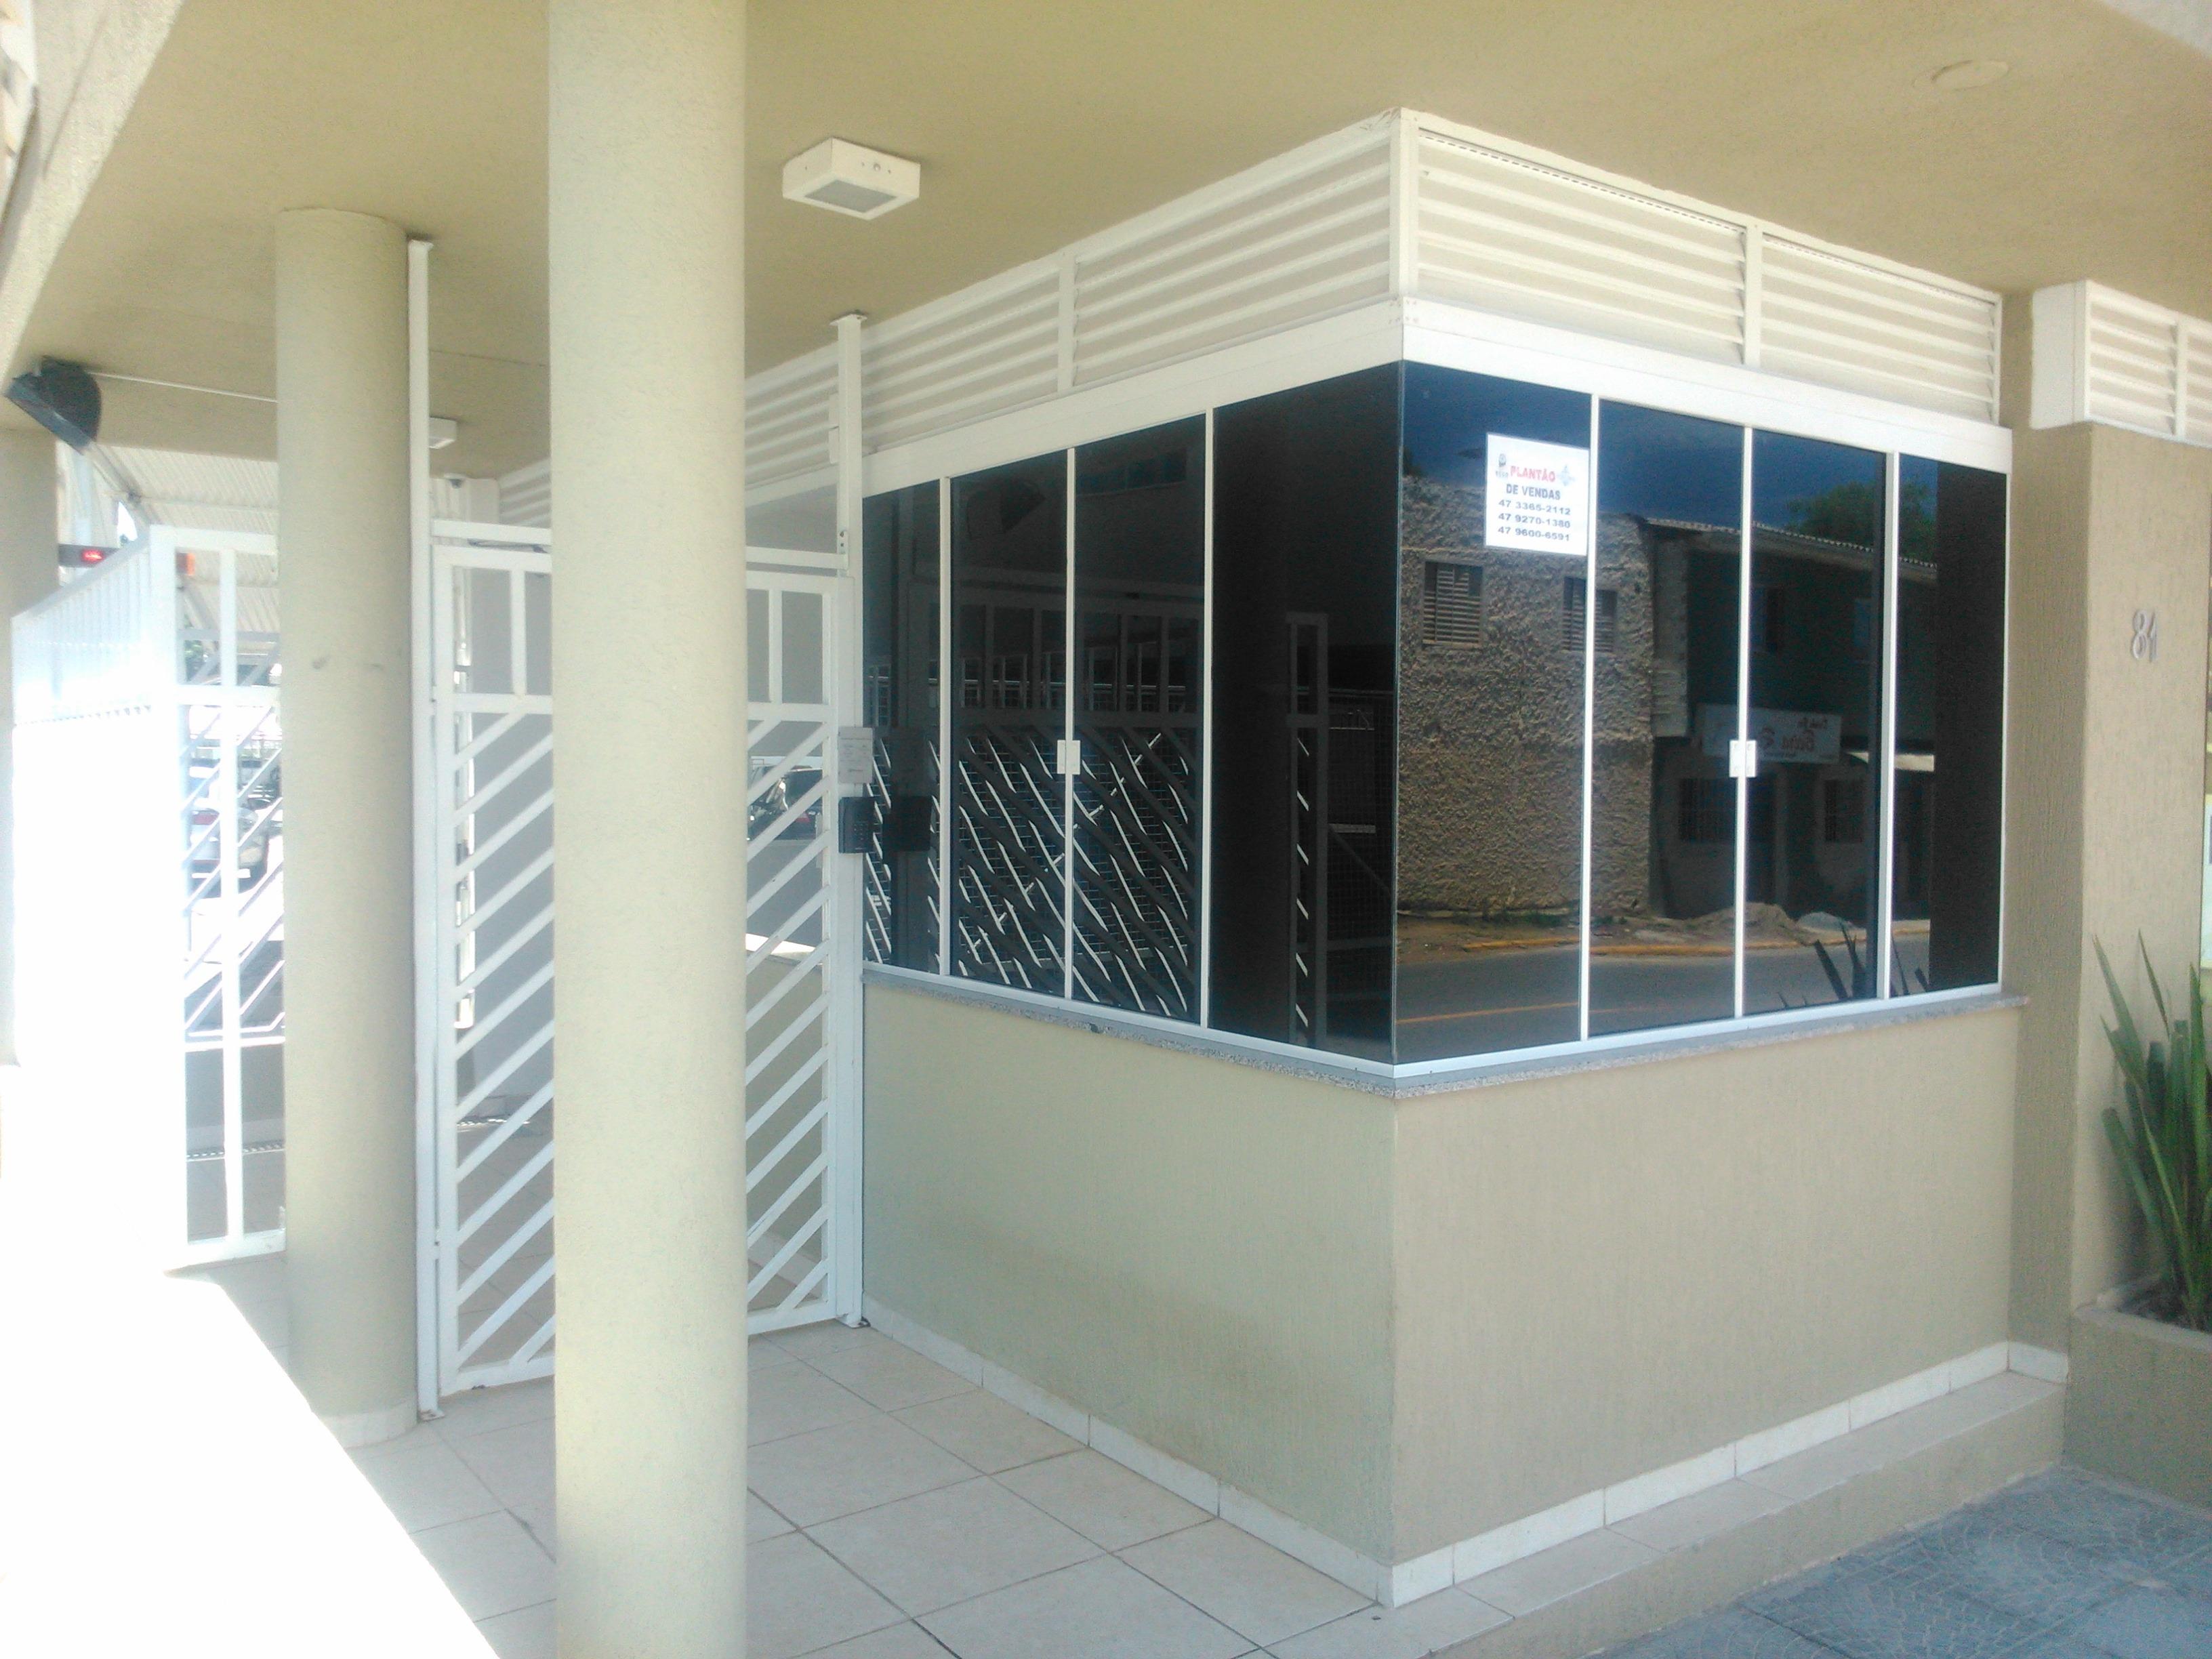 Cobertura no Edifício Pedras Brancas em Camboriú - SC